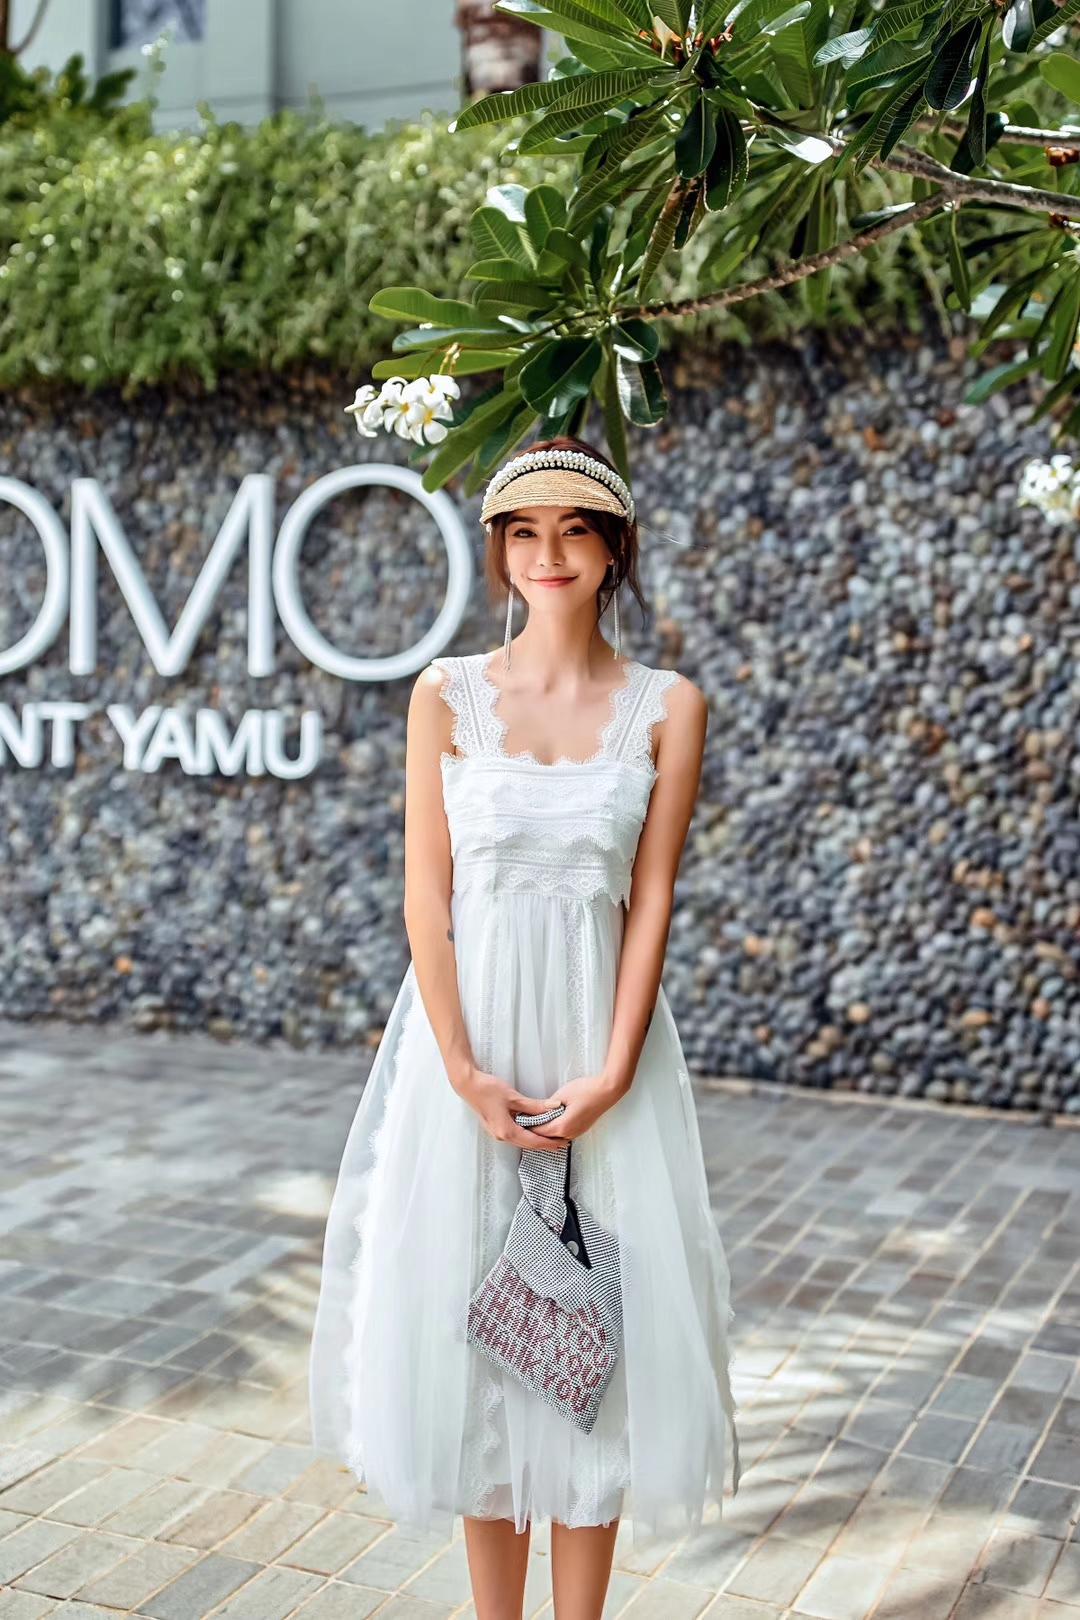 蕾丝秀吊带连衣裙 吊带是对称型的花边蕾丝绣,拓宽了原本的线条感,覆在肩处更有魅力。裙身是更为紧致的长织带形蕾丝绣,层层的叠加让白色不再单调。裙摆则是纱裙之上融入几条蕾丝绣条,明暗有致虚实交合,纯白色的裙子上身反而有了饱满的效果。  